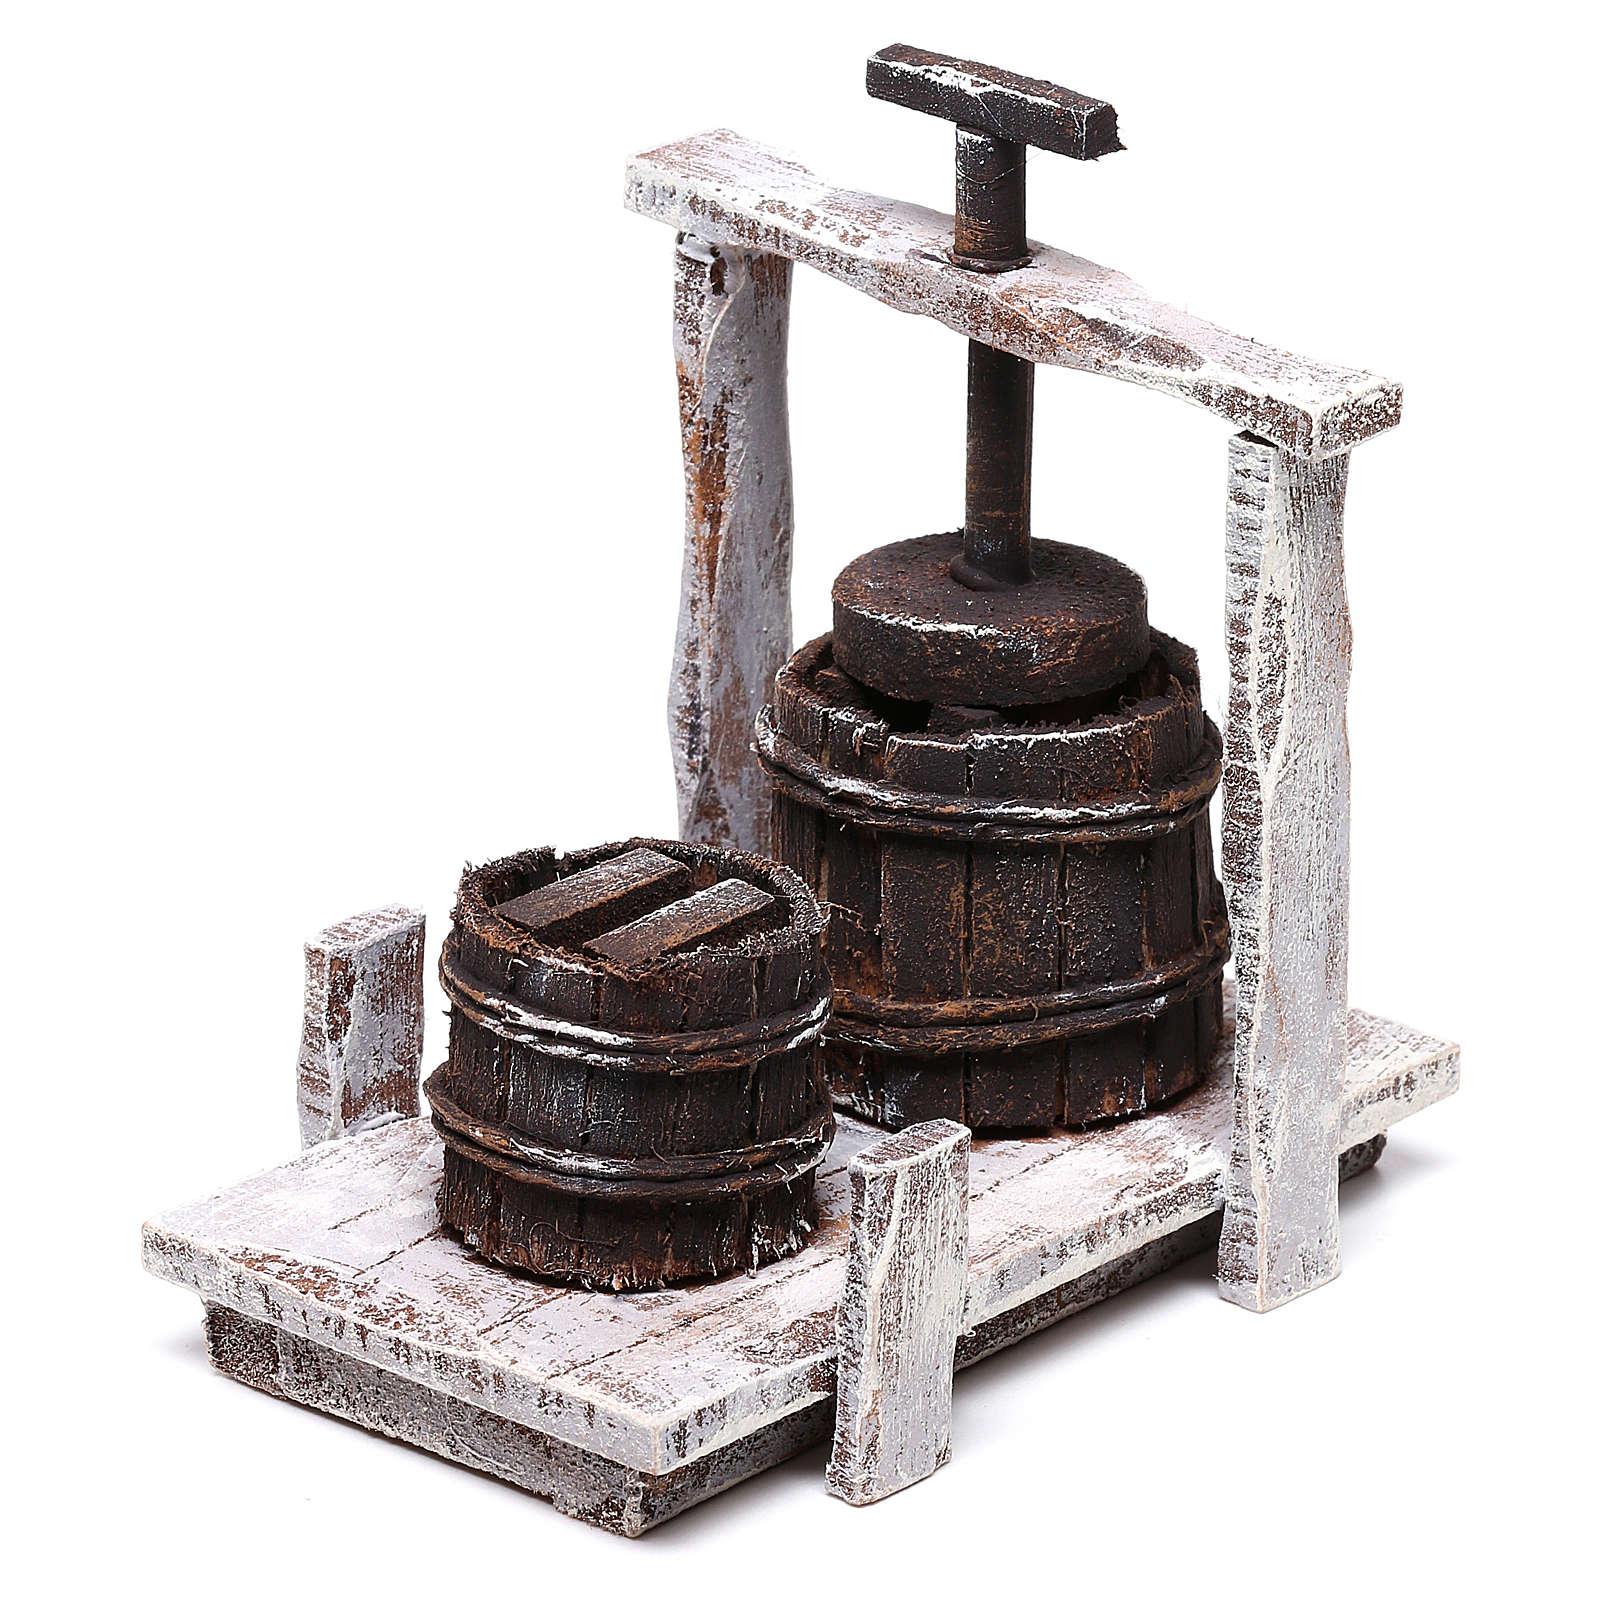 Baratte 10x10x5 cm pour crèche de 12 cm 4